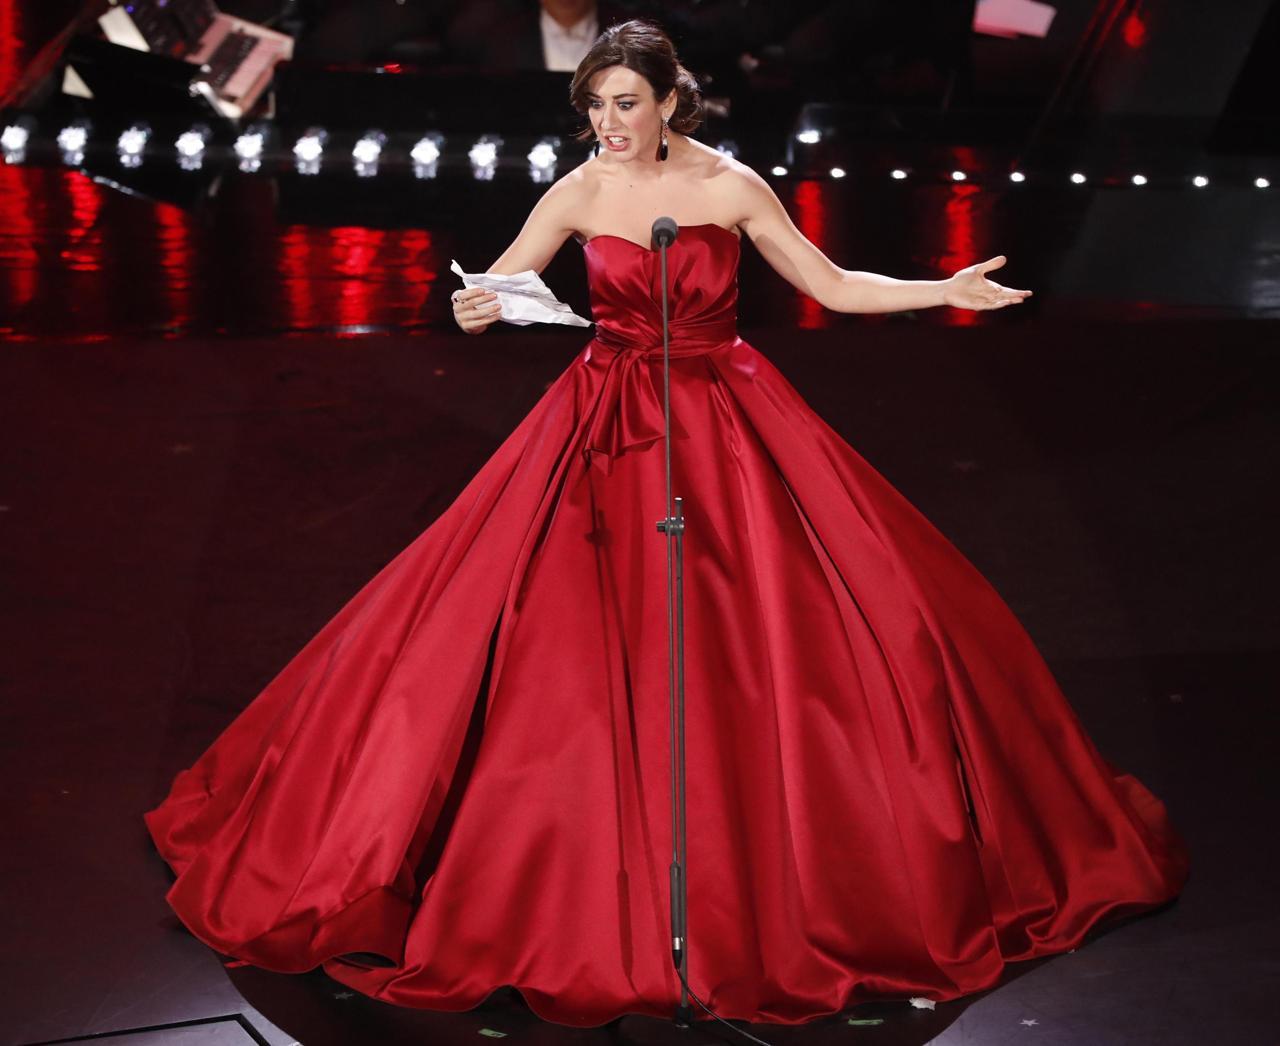 Rosso e super voluminoso il secondo abito di Virginia Raffaele firmato  Atelier Emé. Uno stile completamente diverso da quello nero e un po   esagerato 06ef5dc23b3